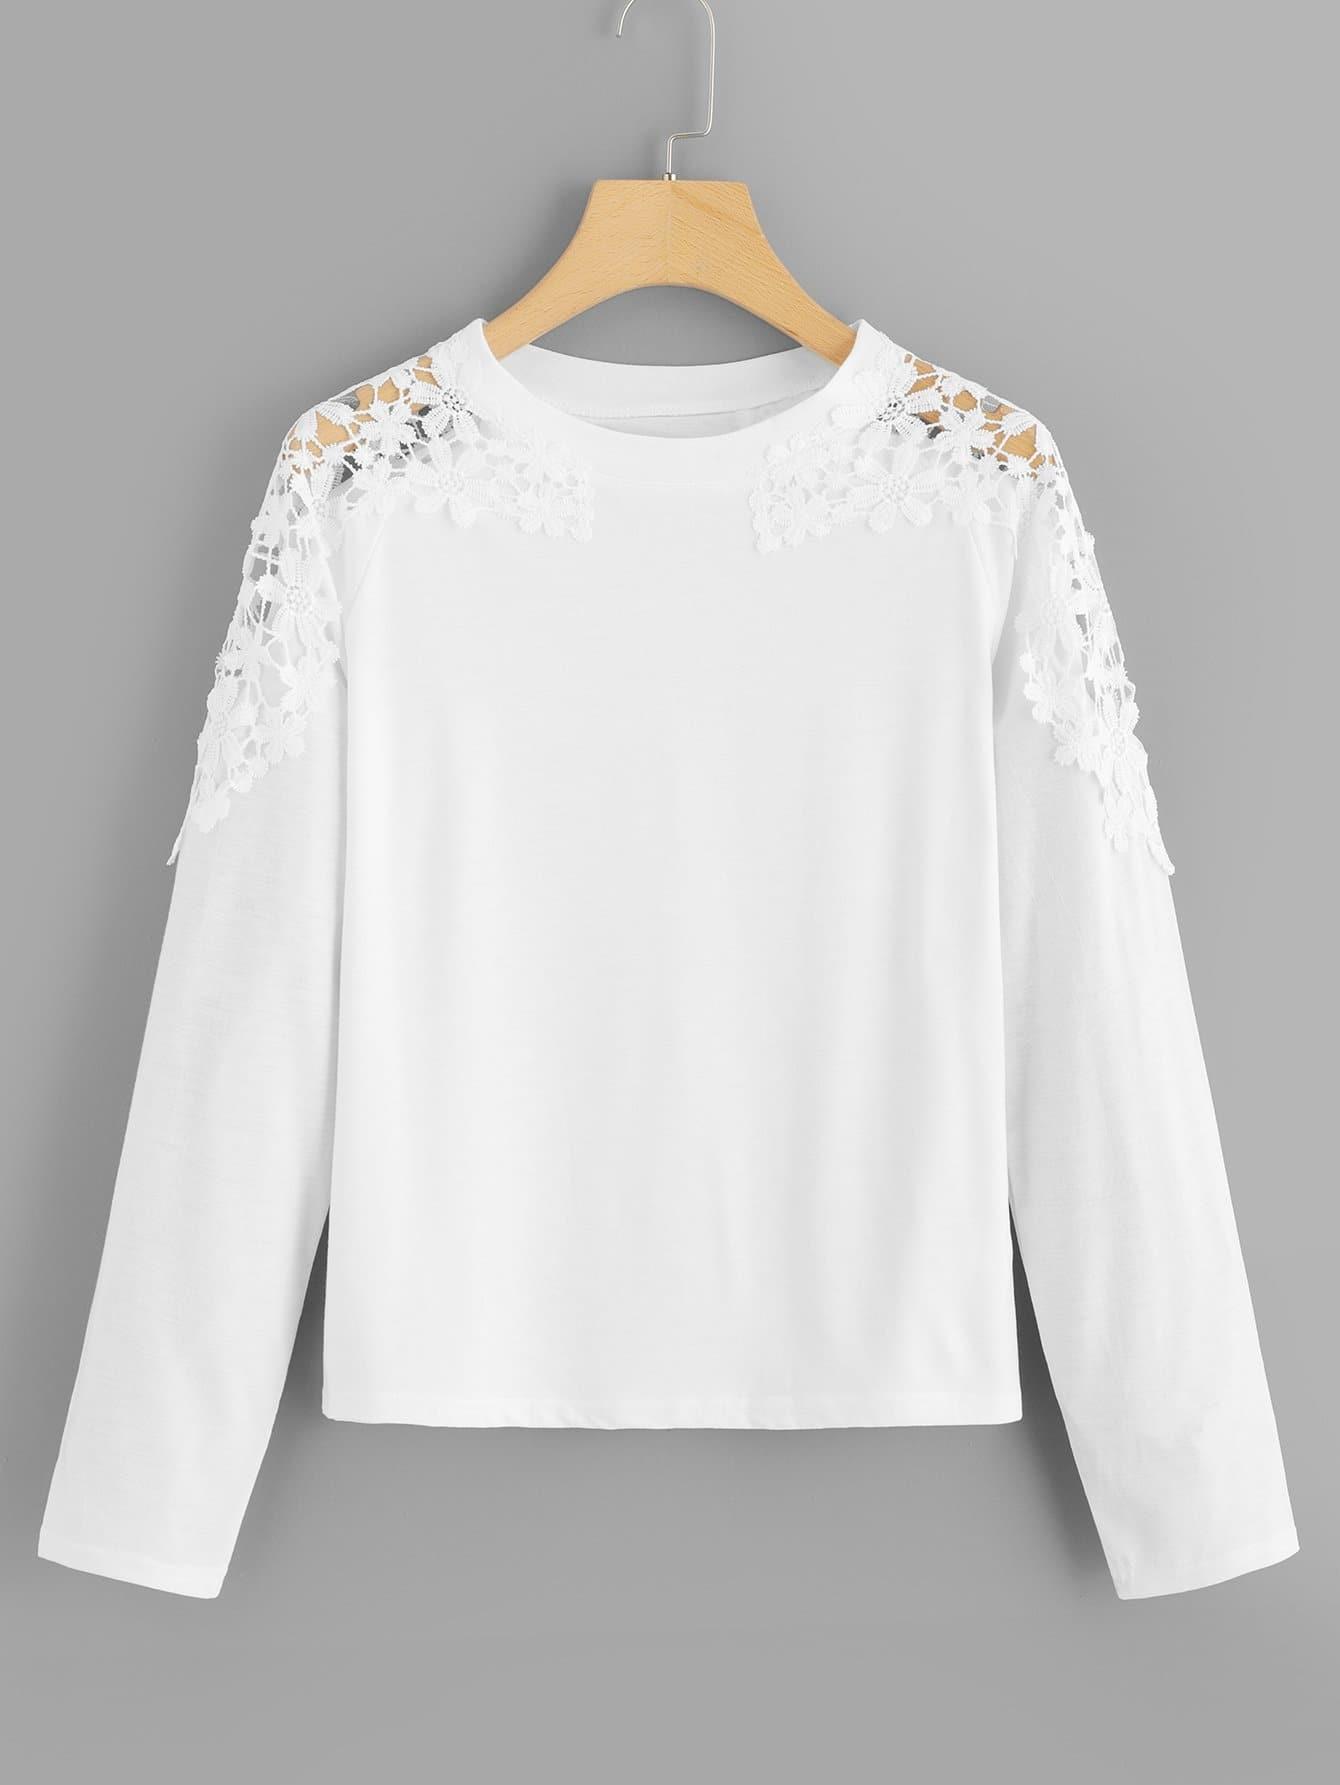 Купить Простая футболка со симметрическими кружевами, null, SheIn